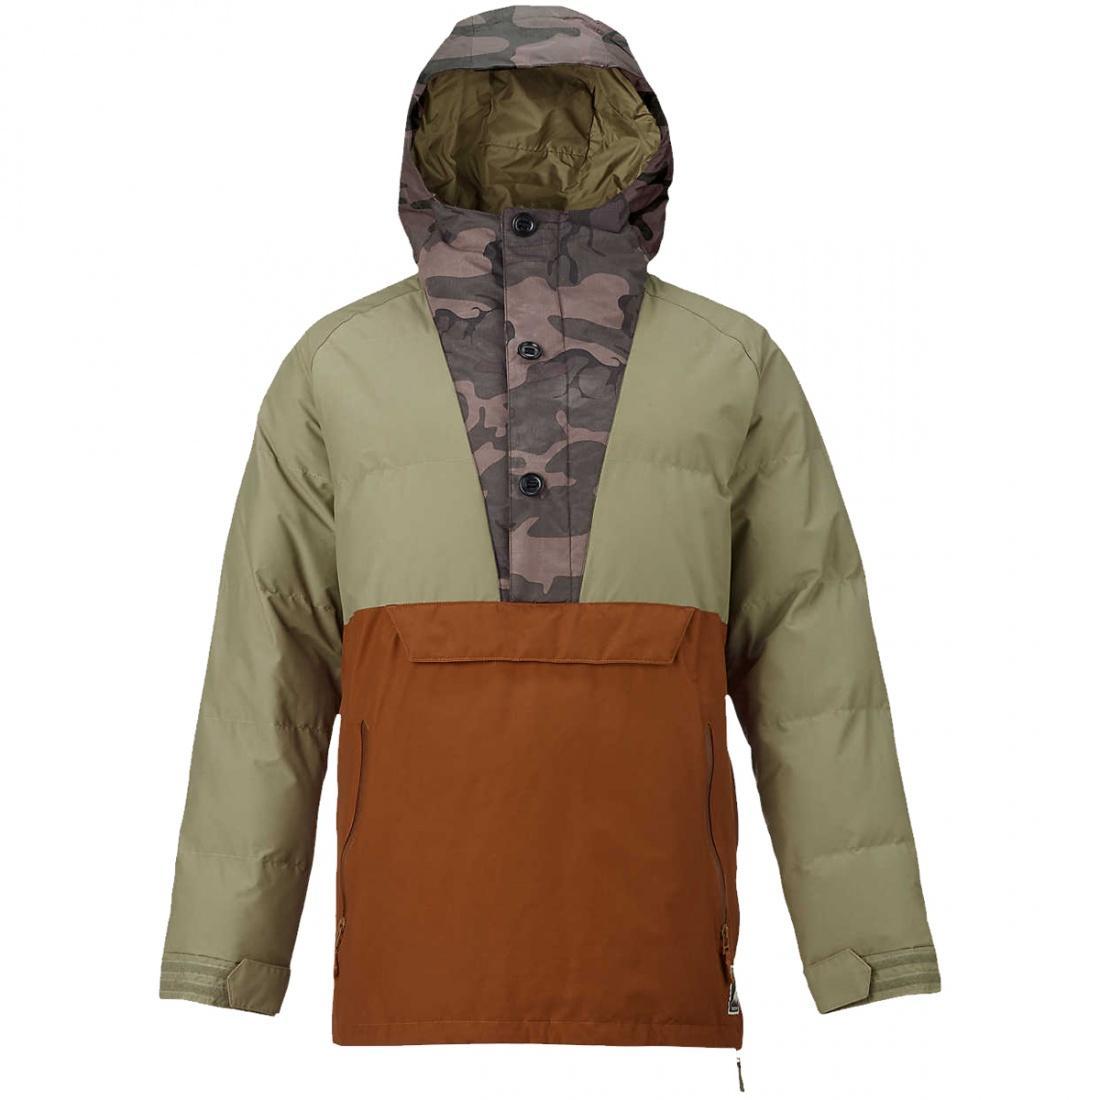 Куртка MB SERVICE ANORAKКуртки<br><br>Верхняя ткань: двухслойная мембранная ткань DRYRIDE Durashell Blocked Printed Polyester Plain Weave и Solid Nylon Plain Weave с показателями 10000 мм/25000 г/м2<br>Подклад: т...<br><br>Цвет: Хаки<br>Размер: M